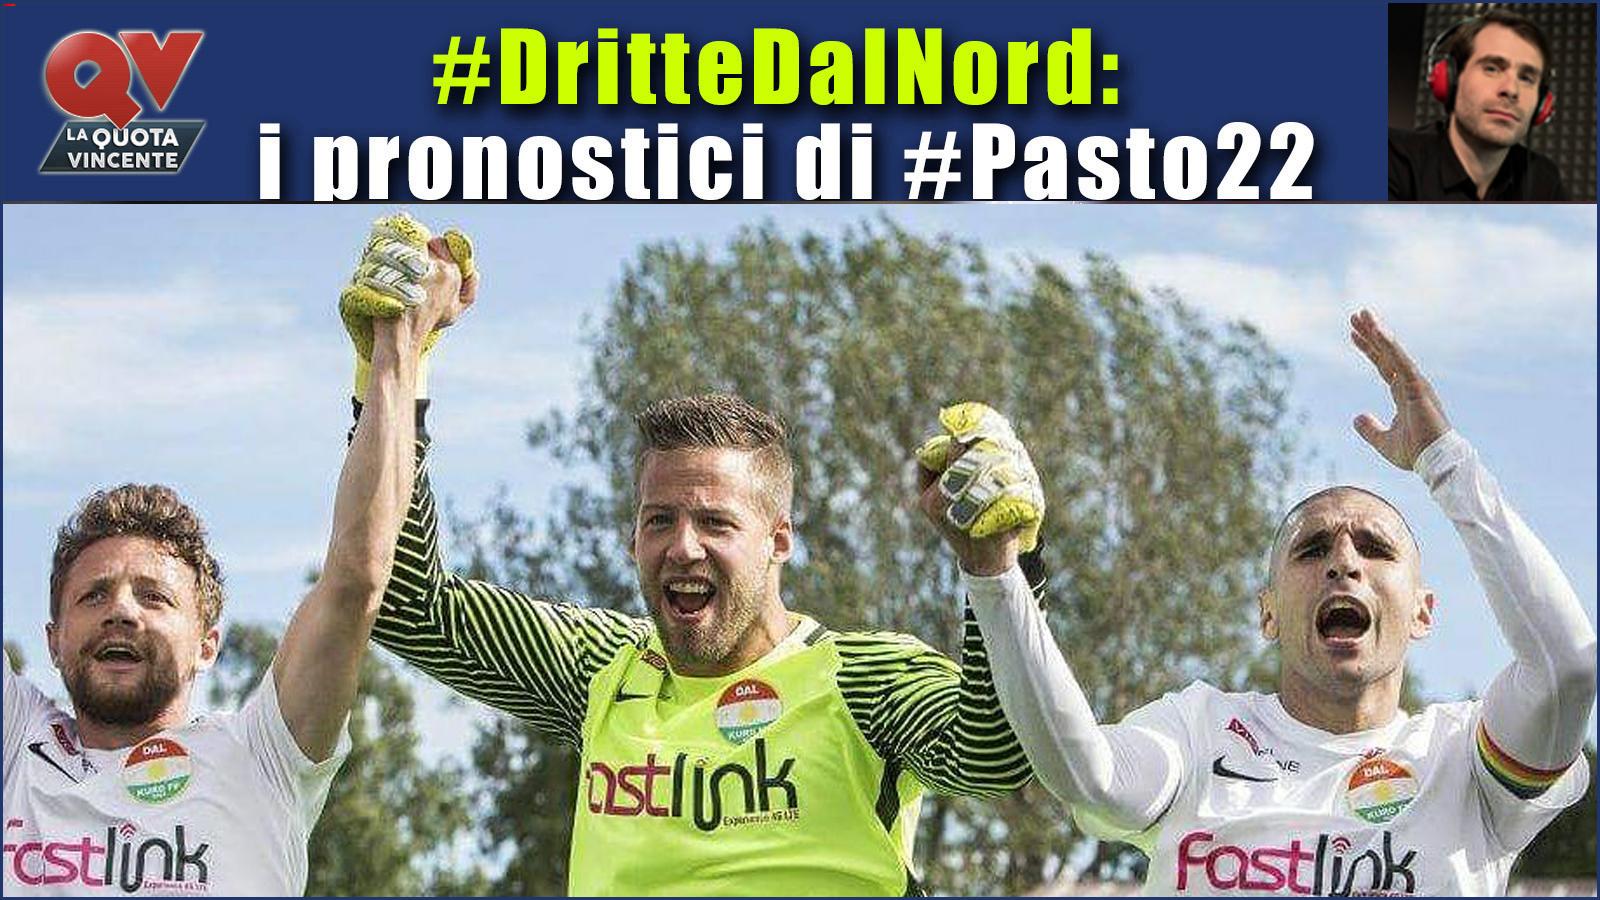 Pronostici Dritte dal Nord 31 marzo 3 aprile: le dritte di #Pasto22 tra Russia, Svezia e Danimarca